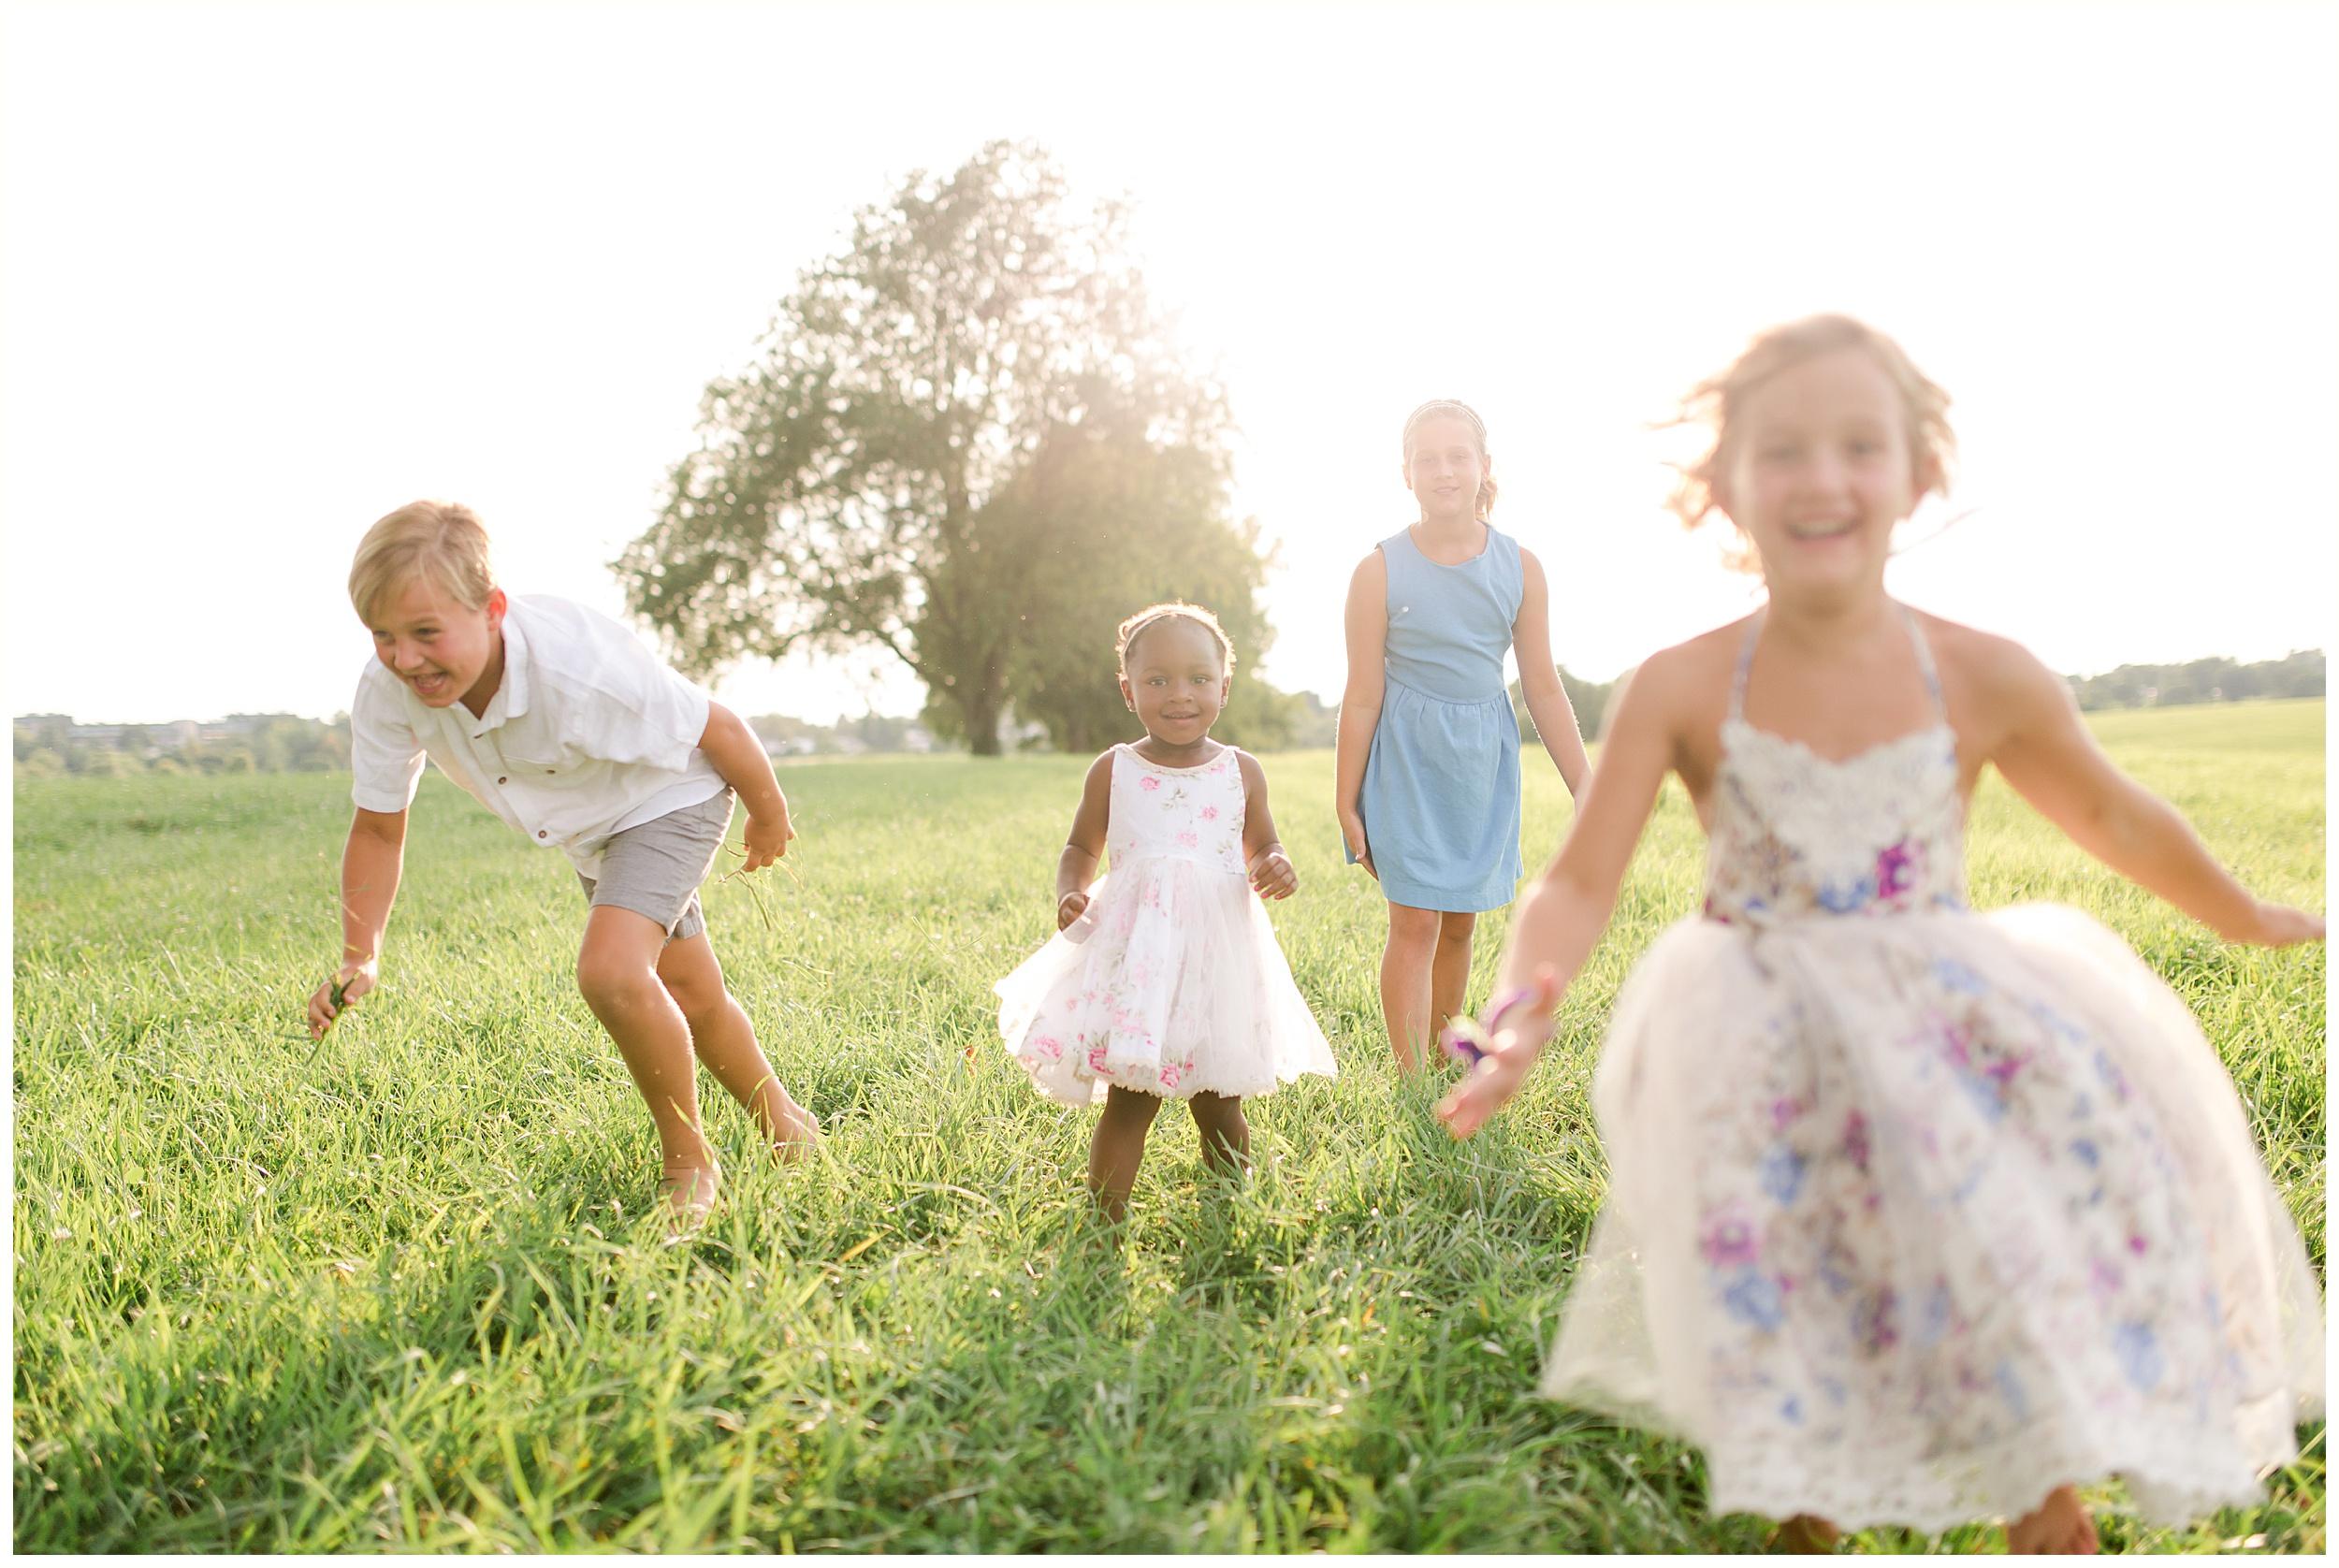 lexington-ky-family-lifestyle-photographer-priscilla-baierlein_1296.jpg